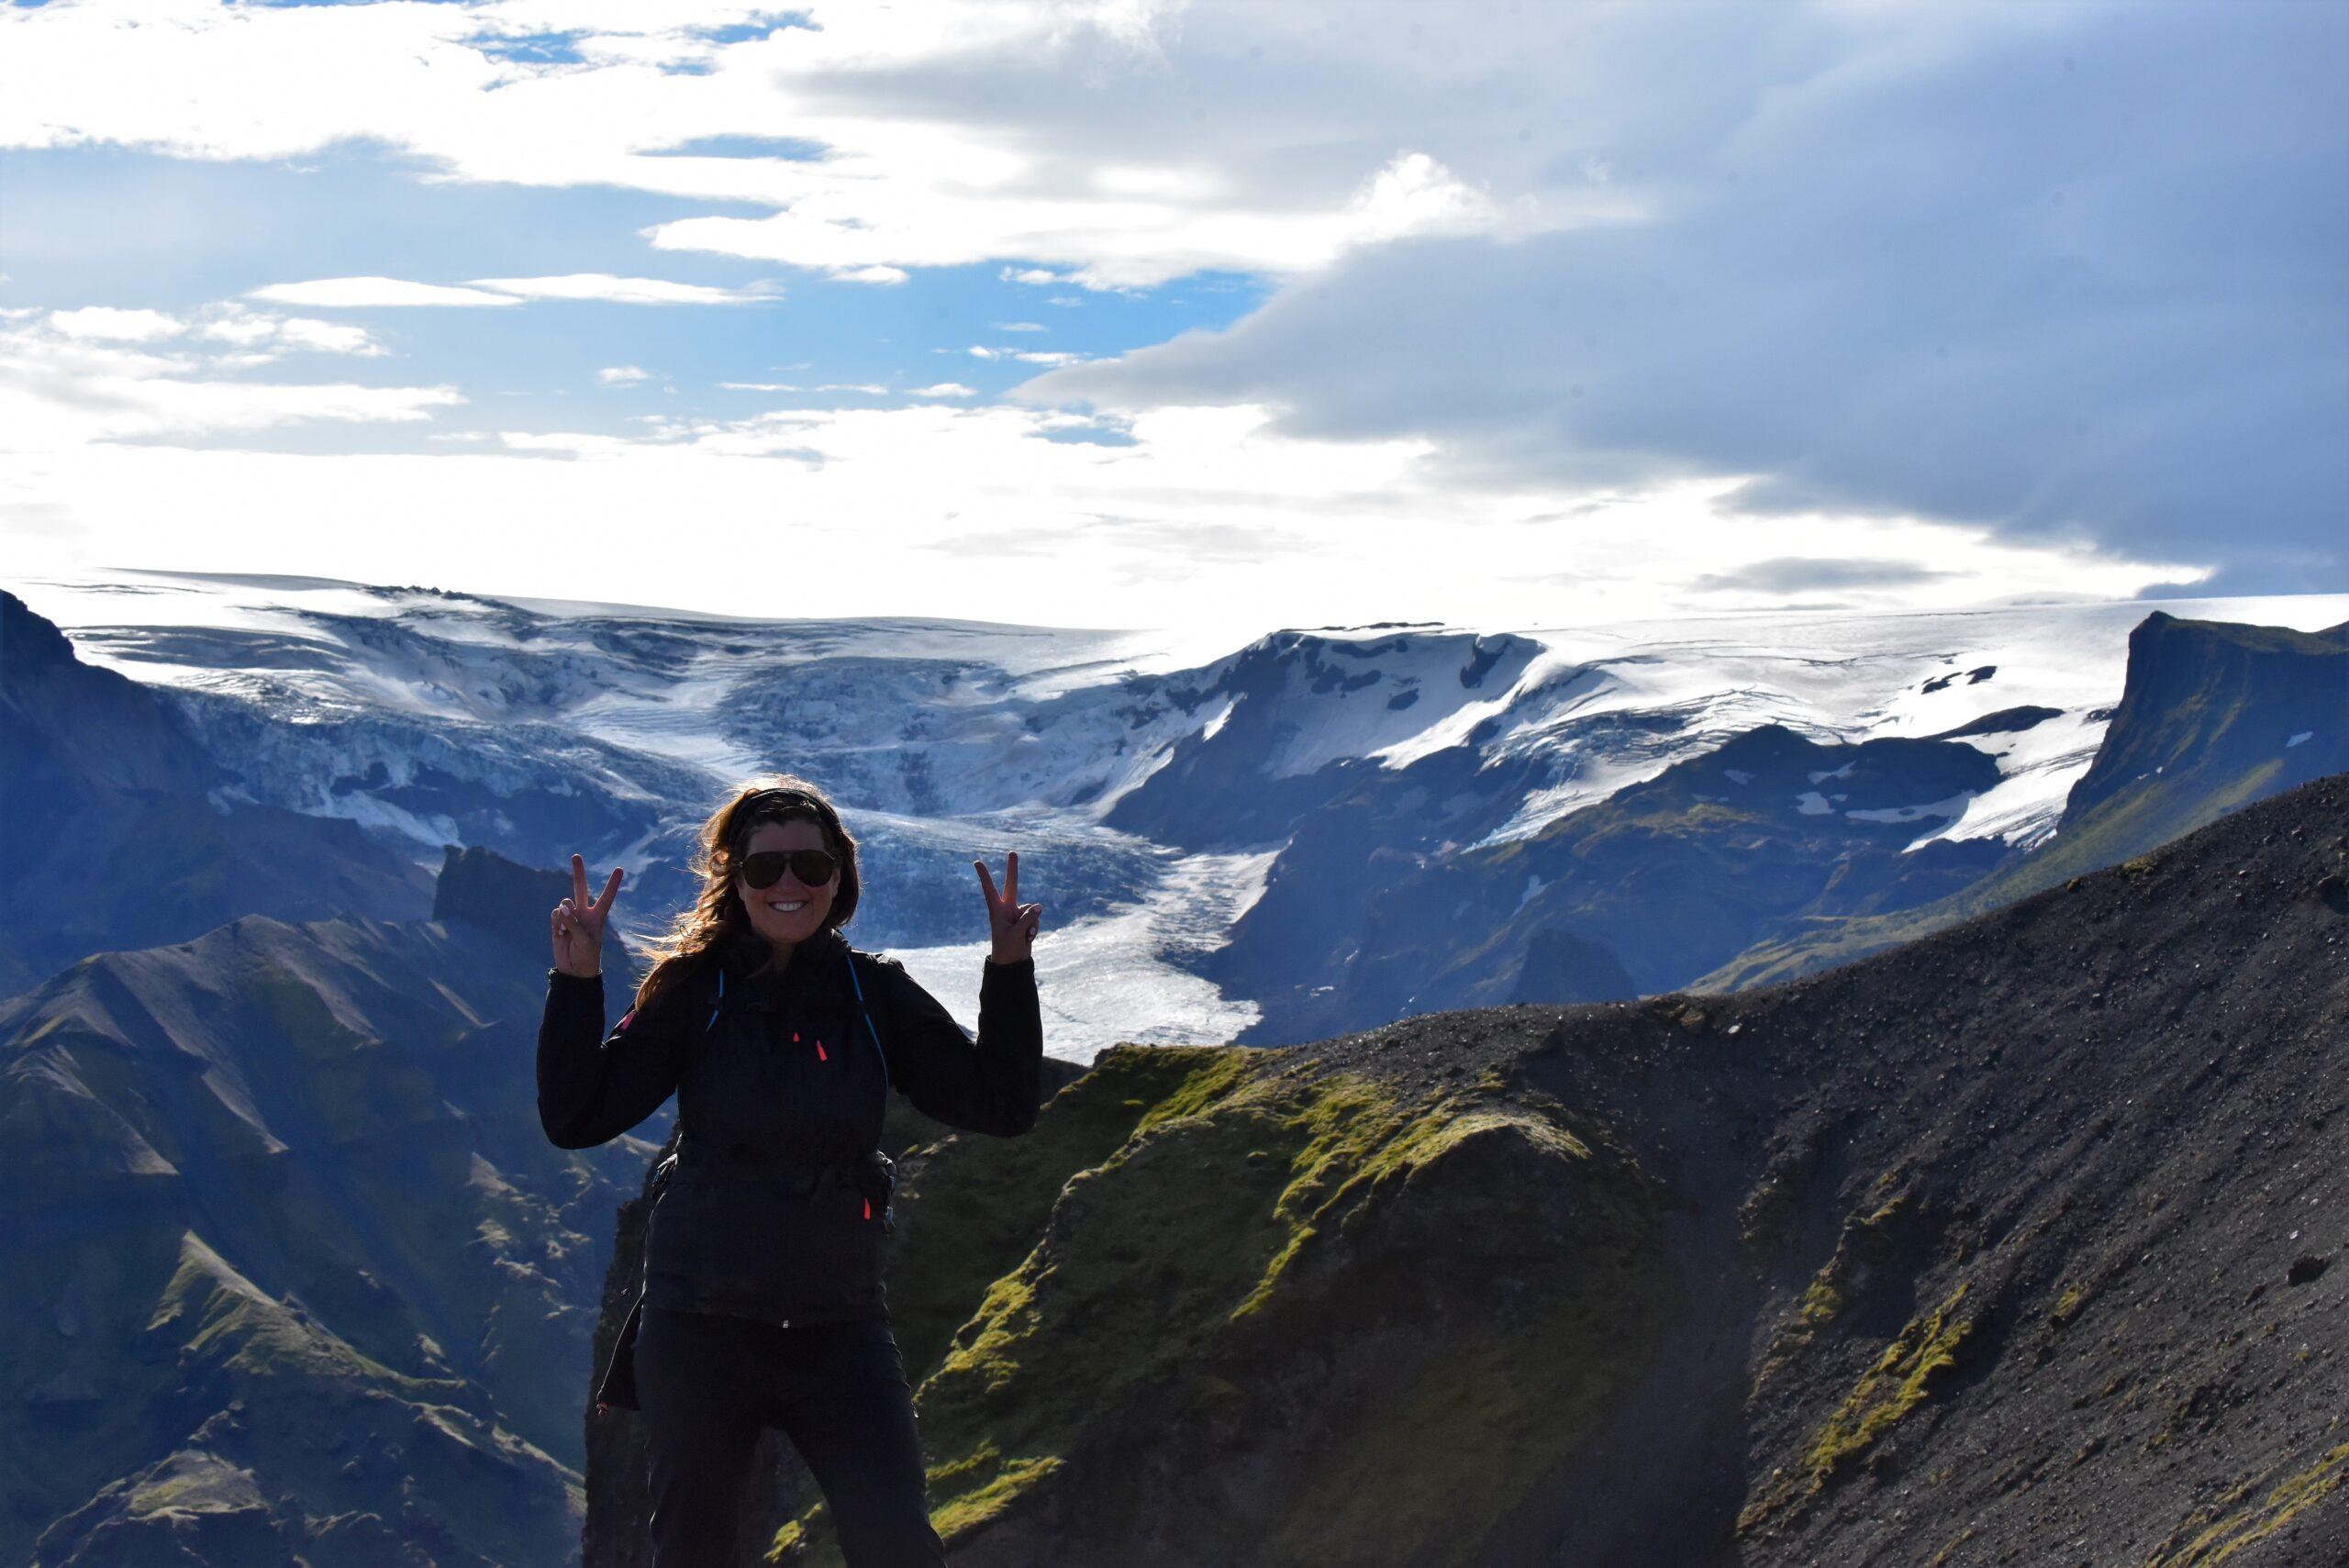 Rachelle trekking BC mountains